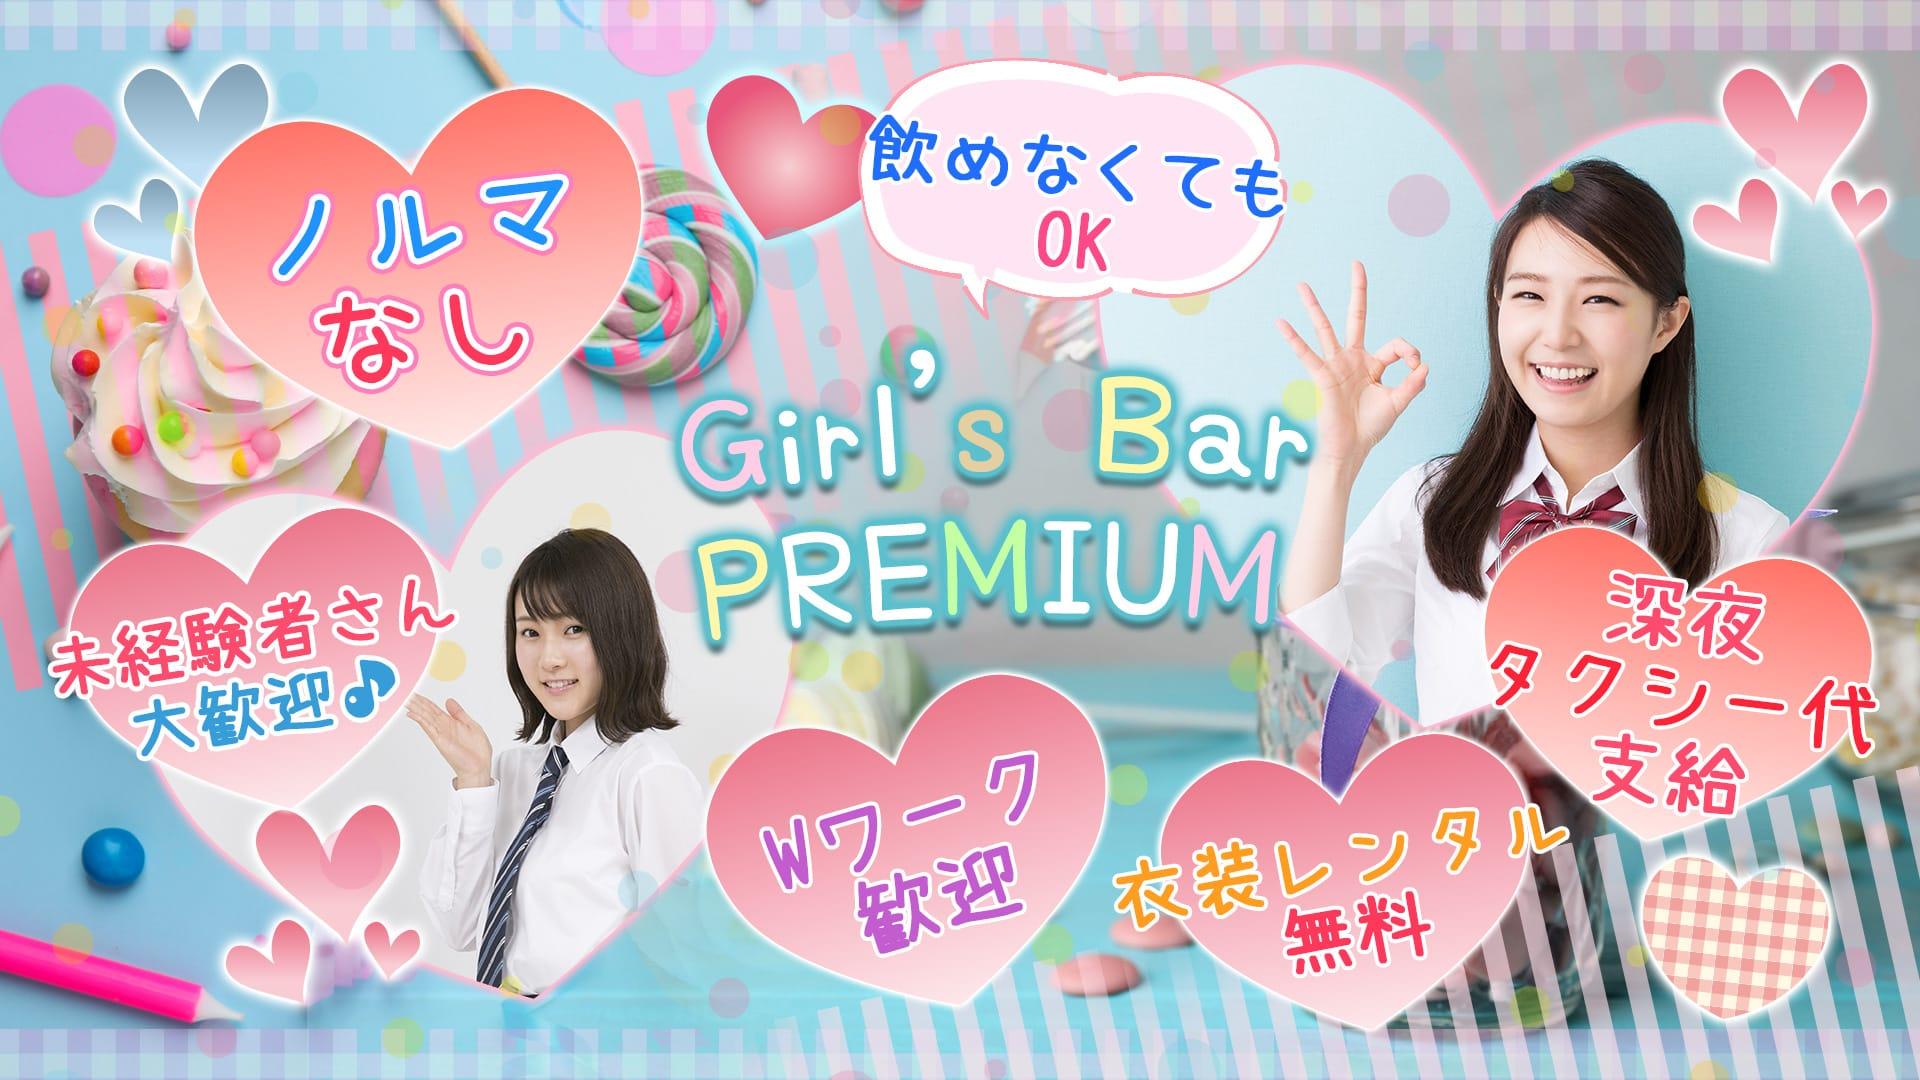 Girl's Bar PREMIUM(プレミアム)  蒲田ガールズバー TOP画像